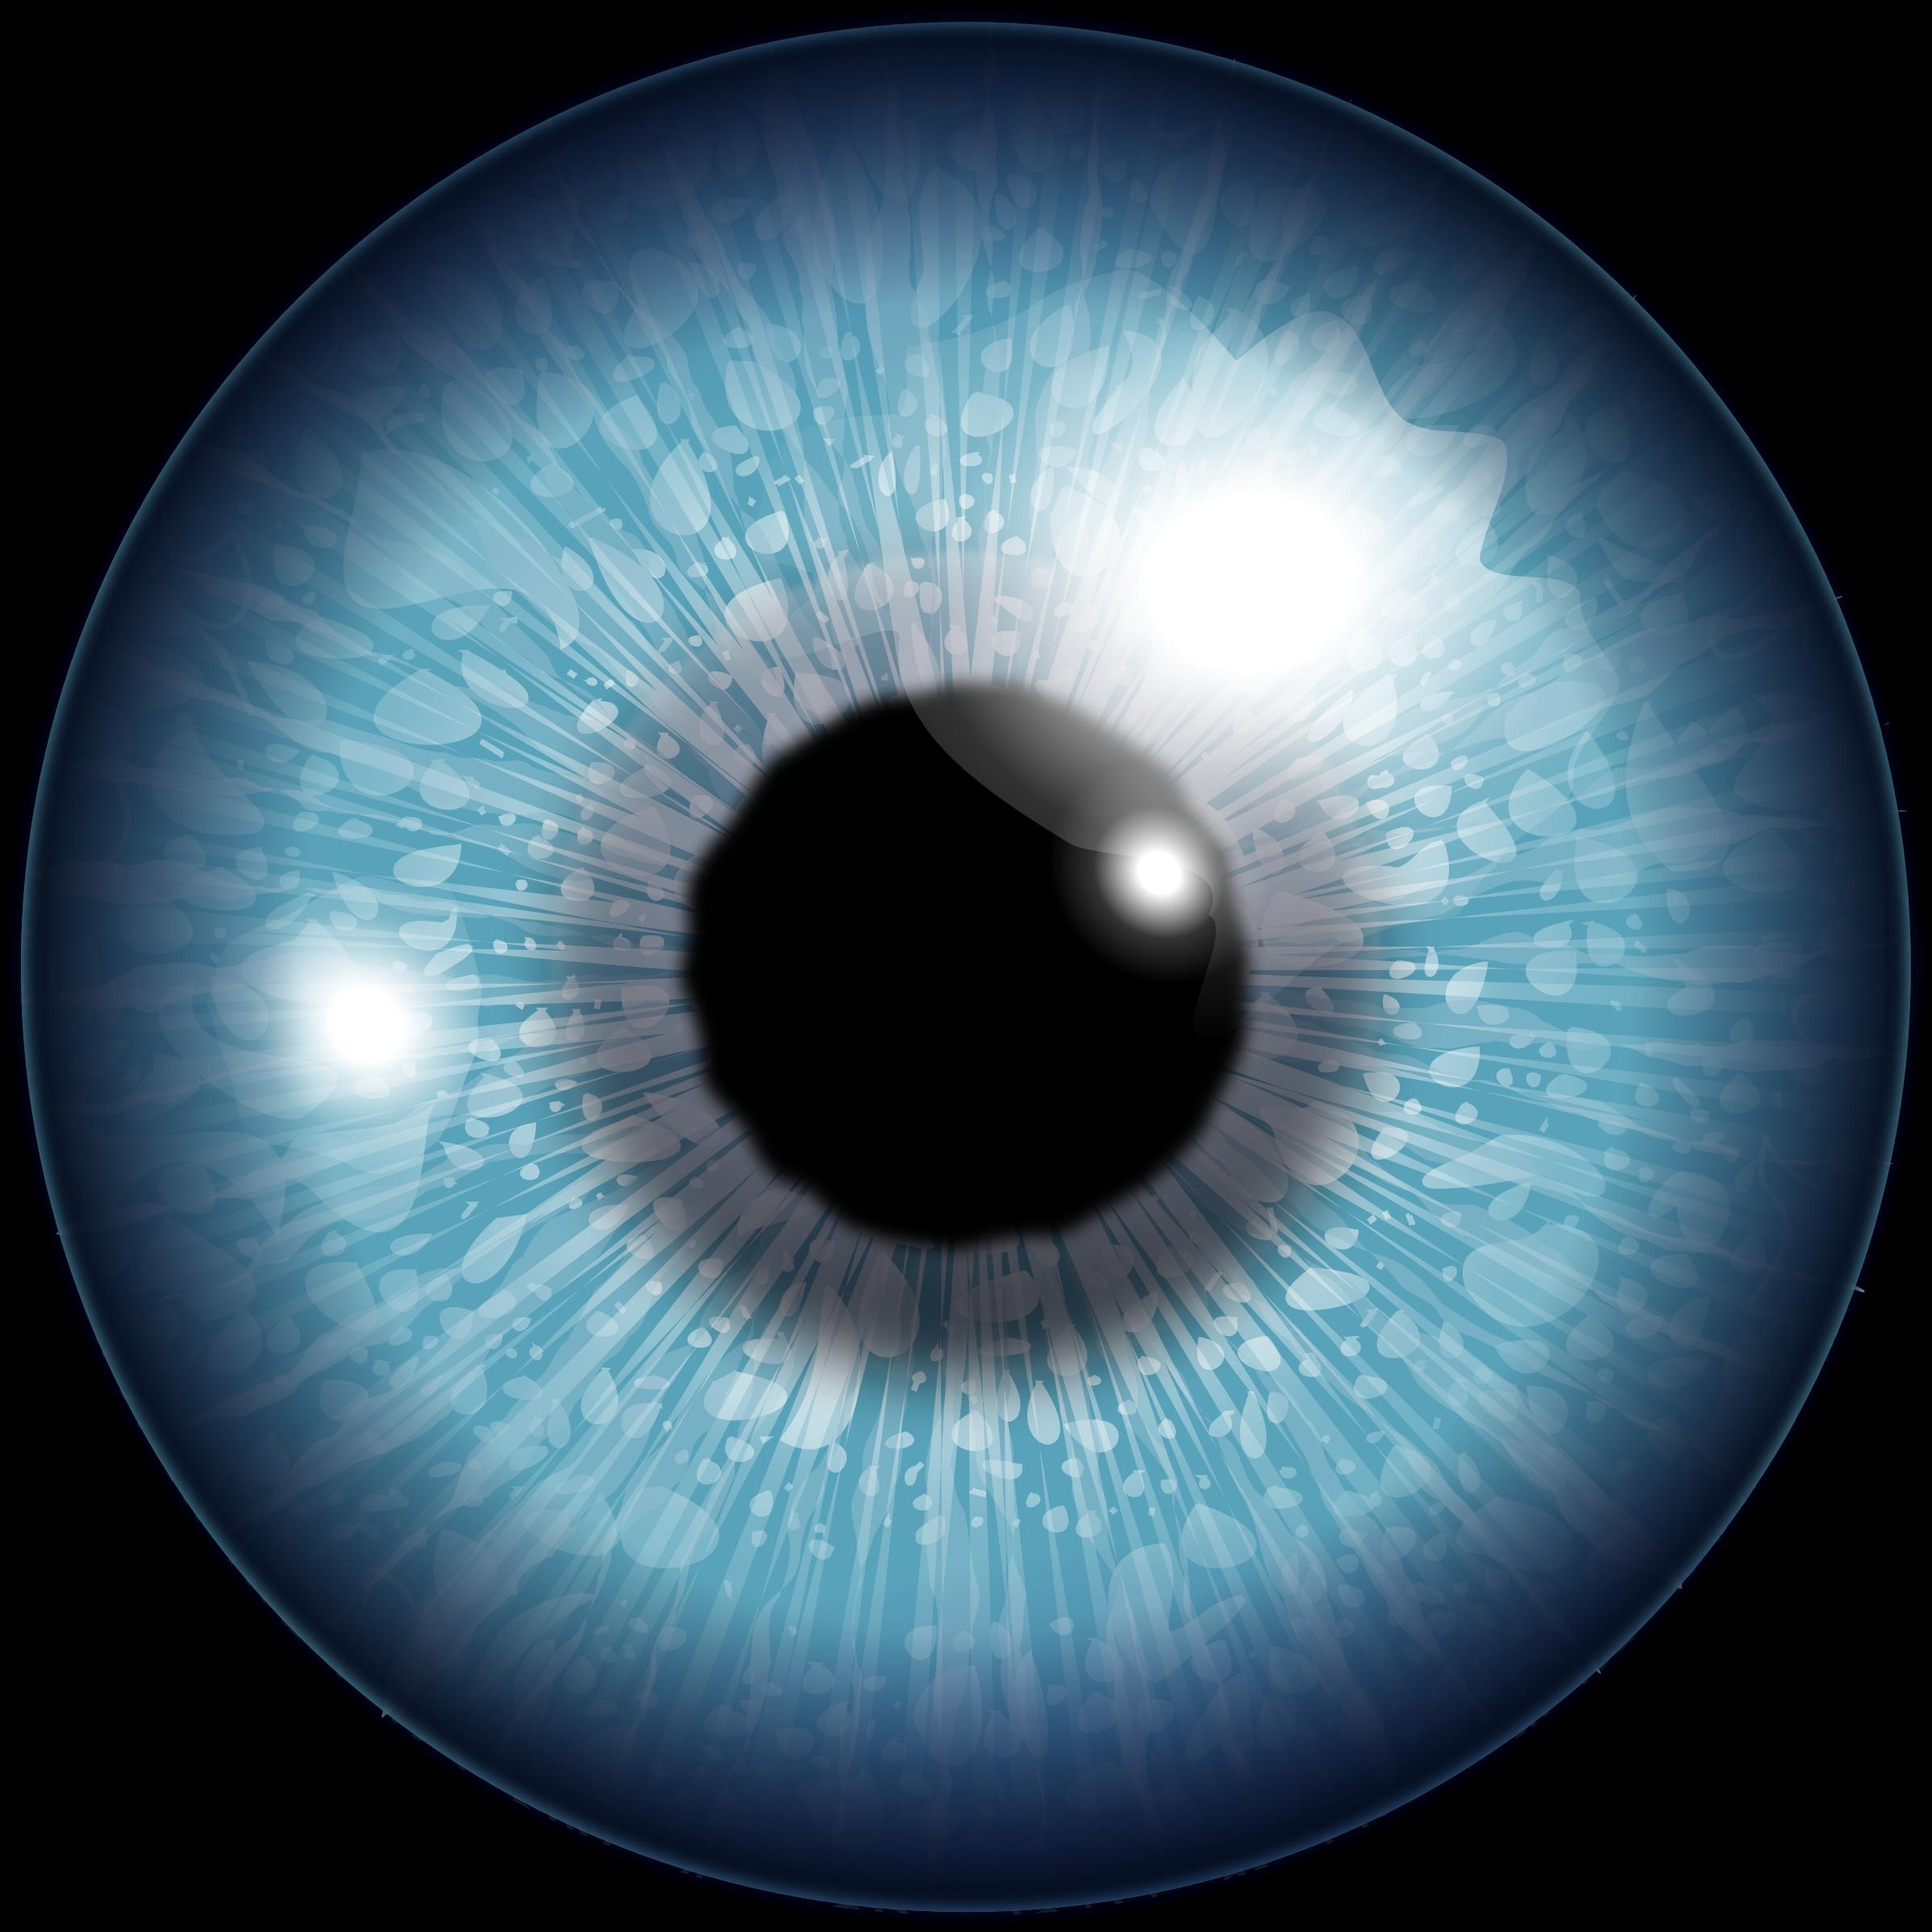 Eyes PNG Image